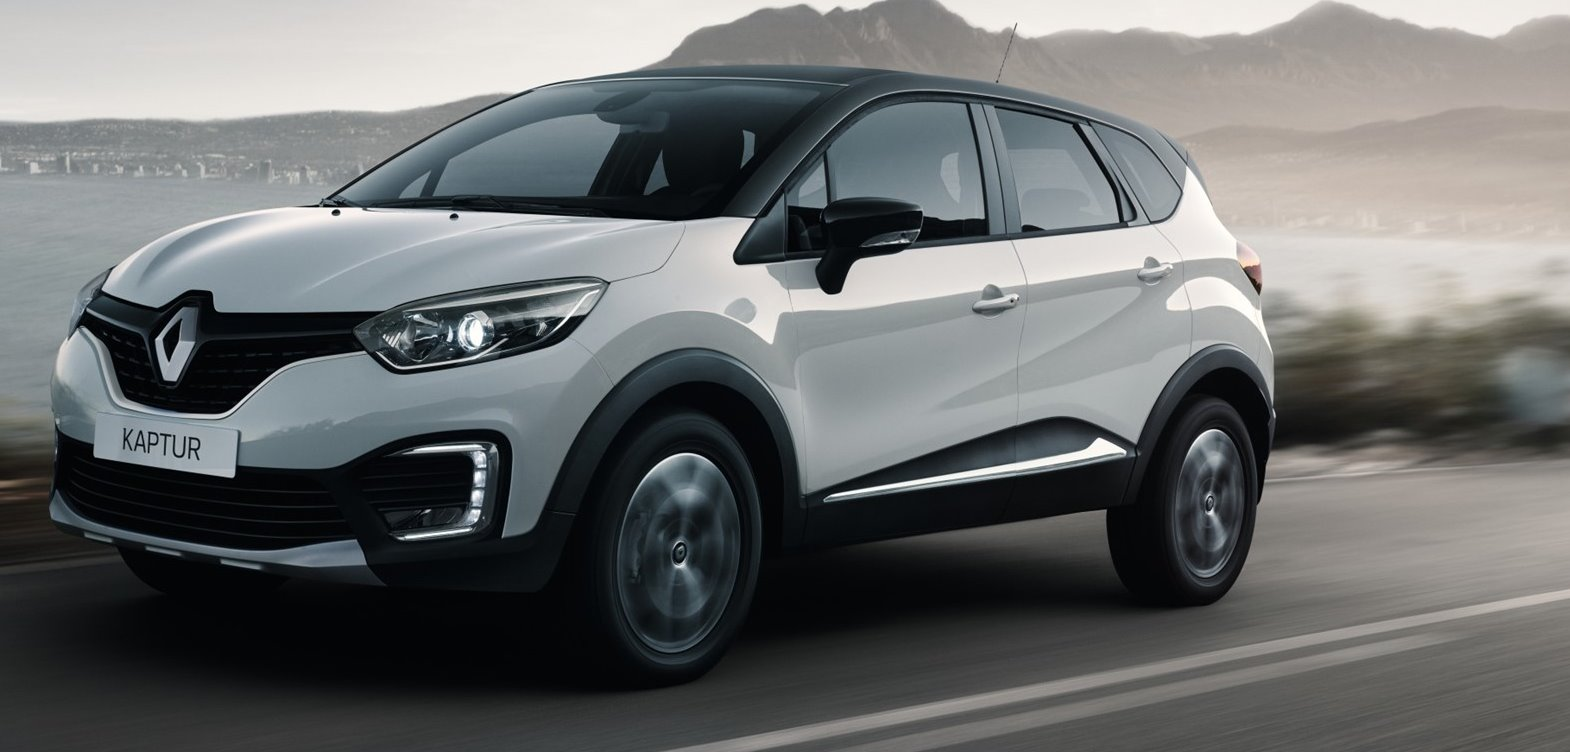 Renault Kaptur (Russie)